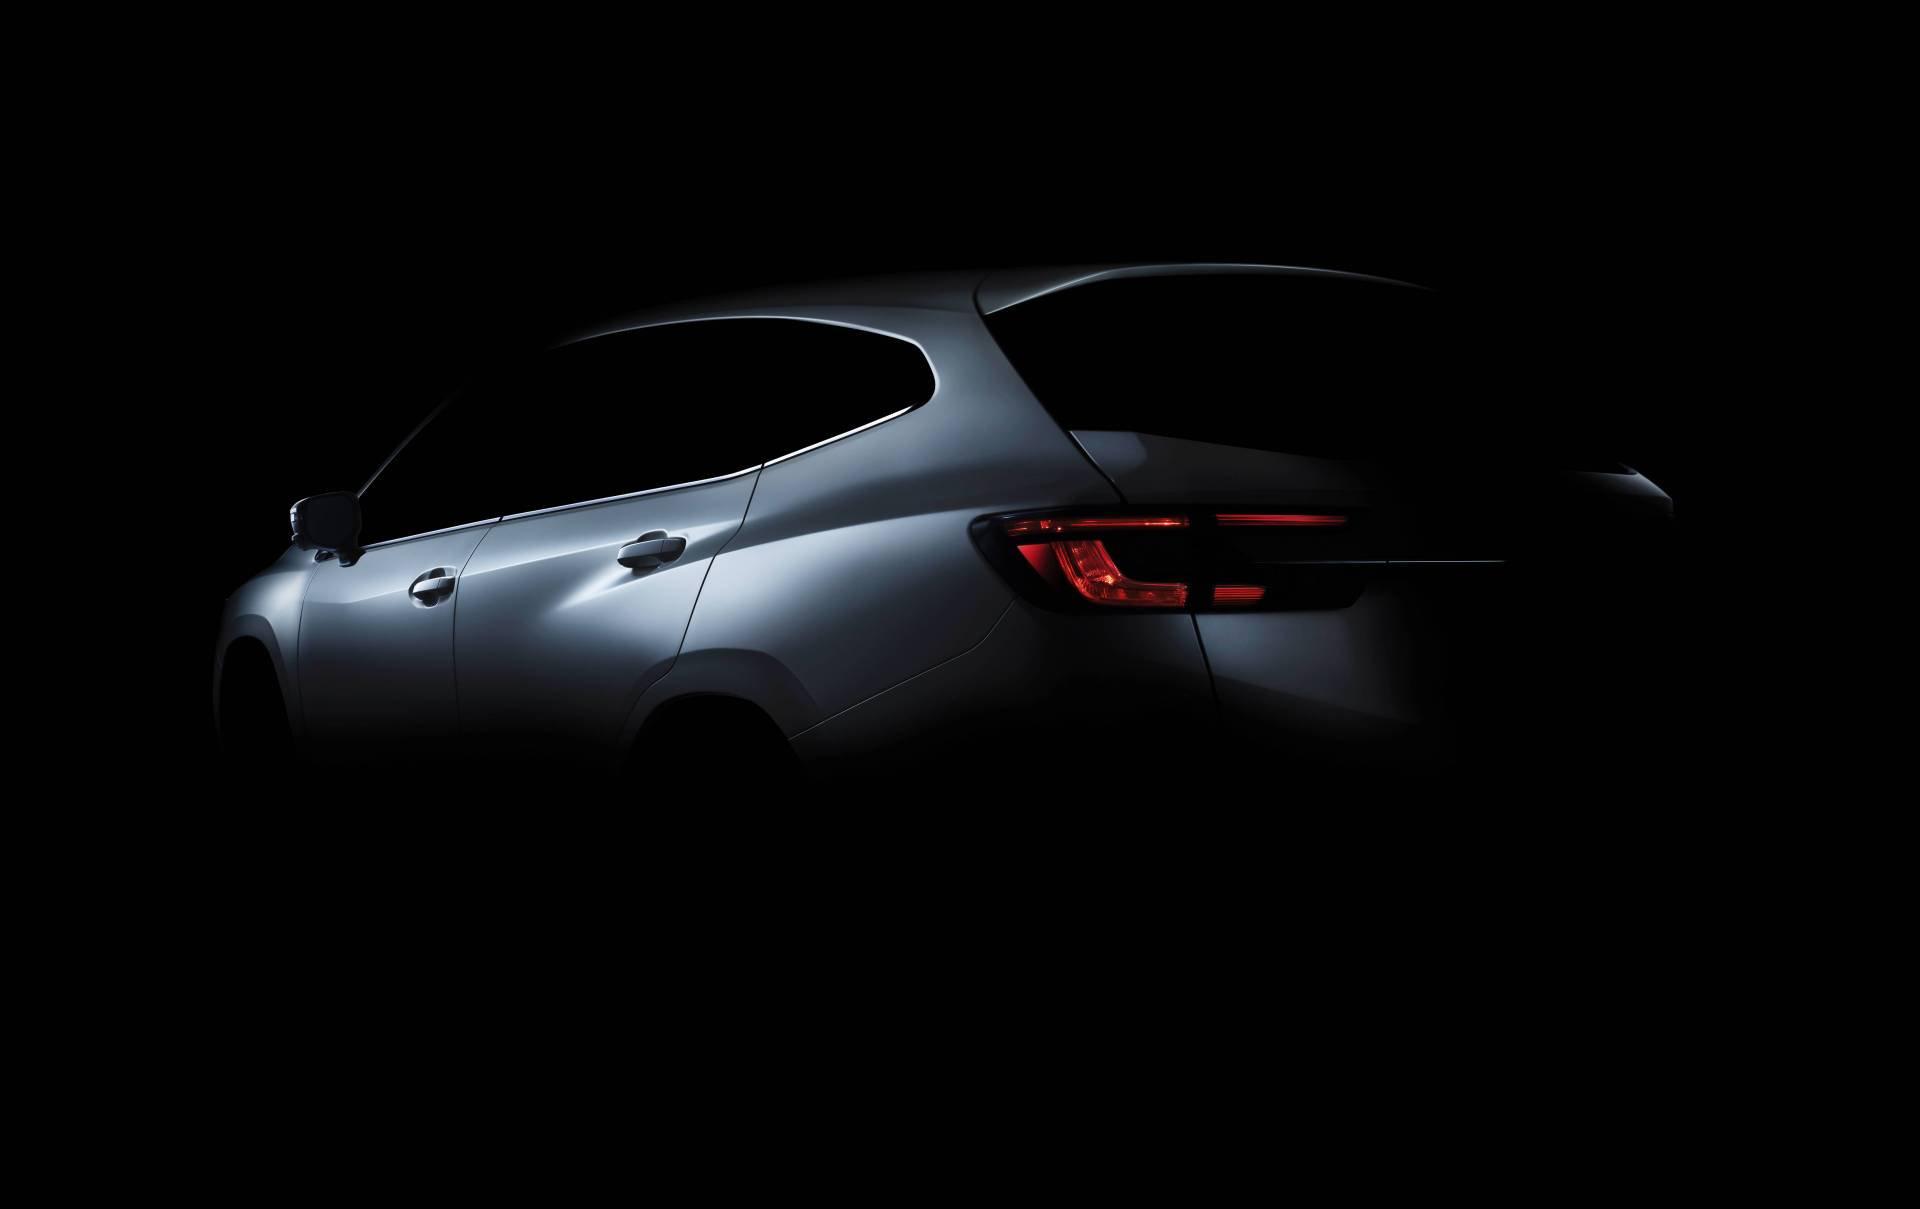 Subaru-levorg-prototype-teaser